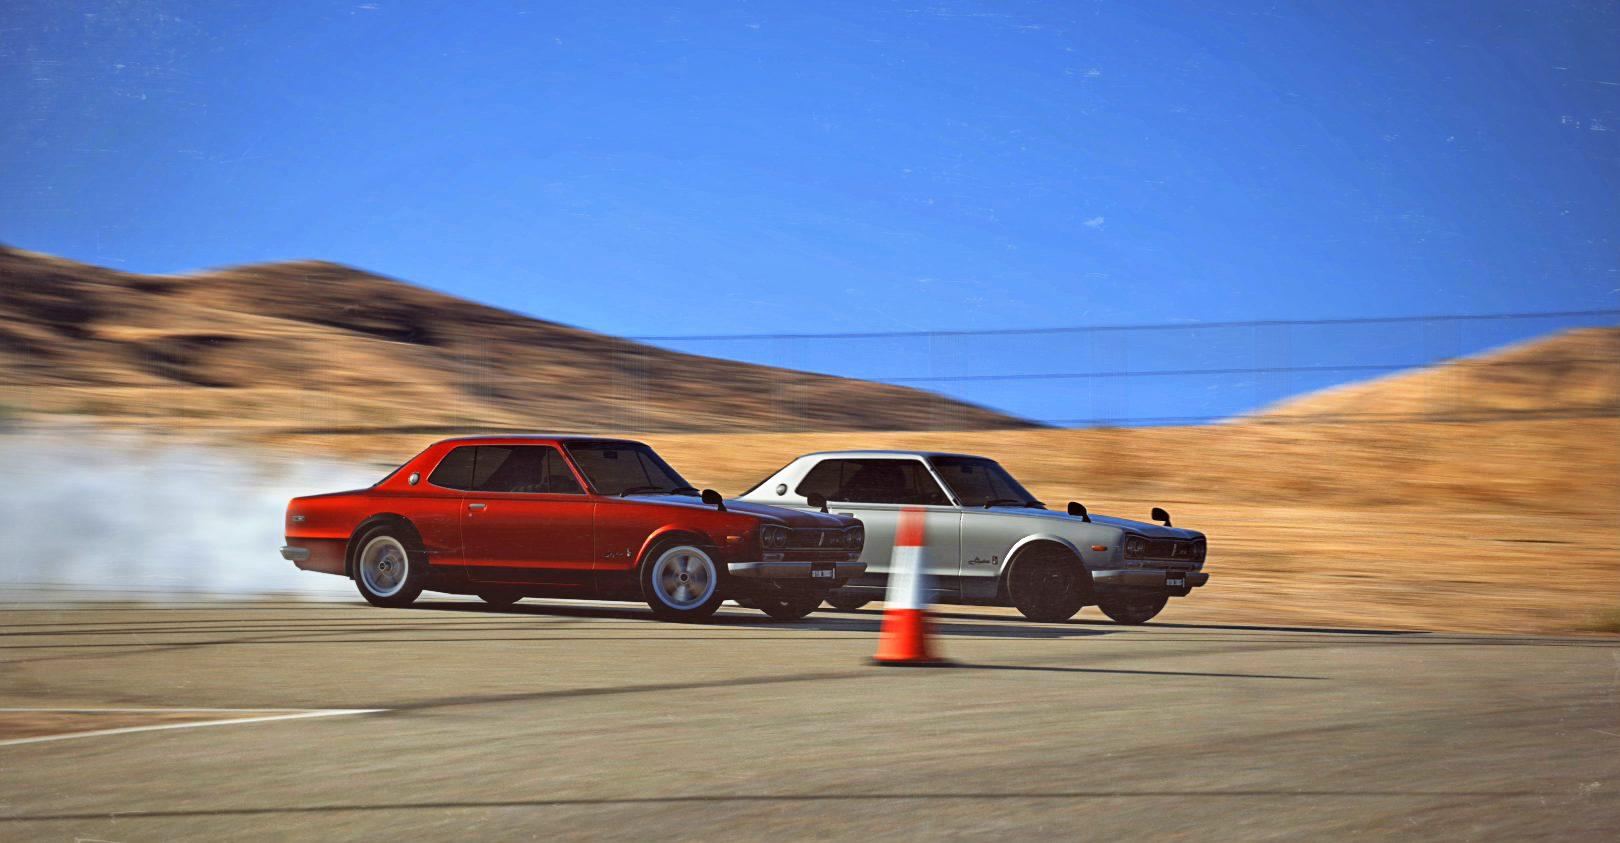 Willow Springs International Raceway_ Streets of Willow Springs_17.jpg